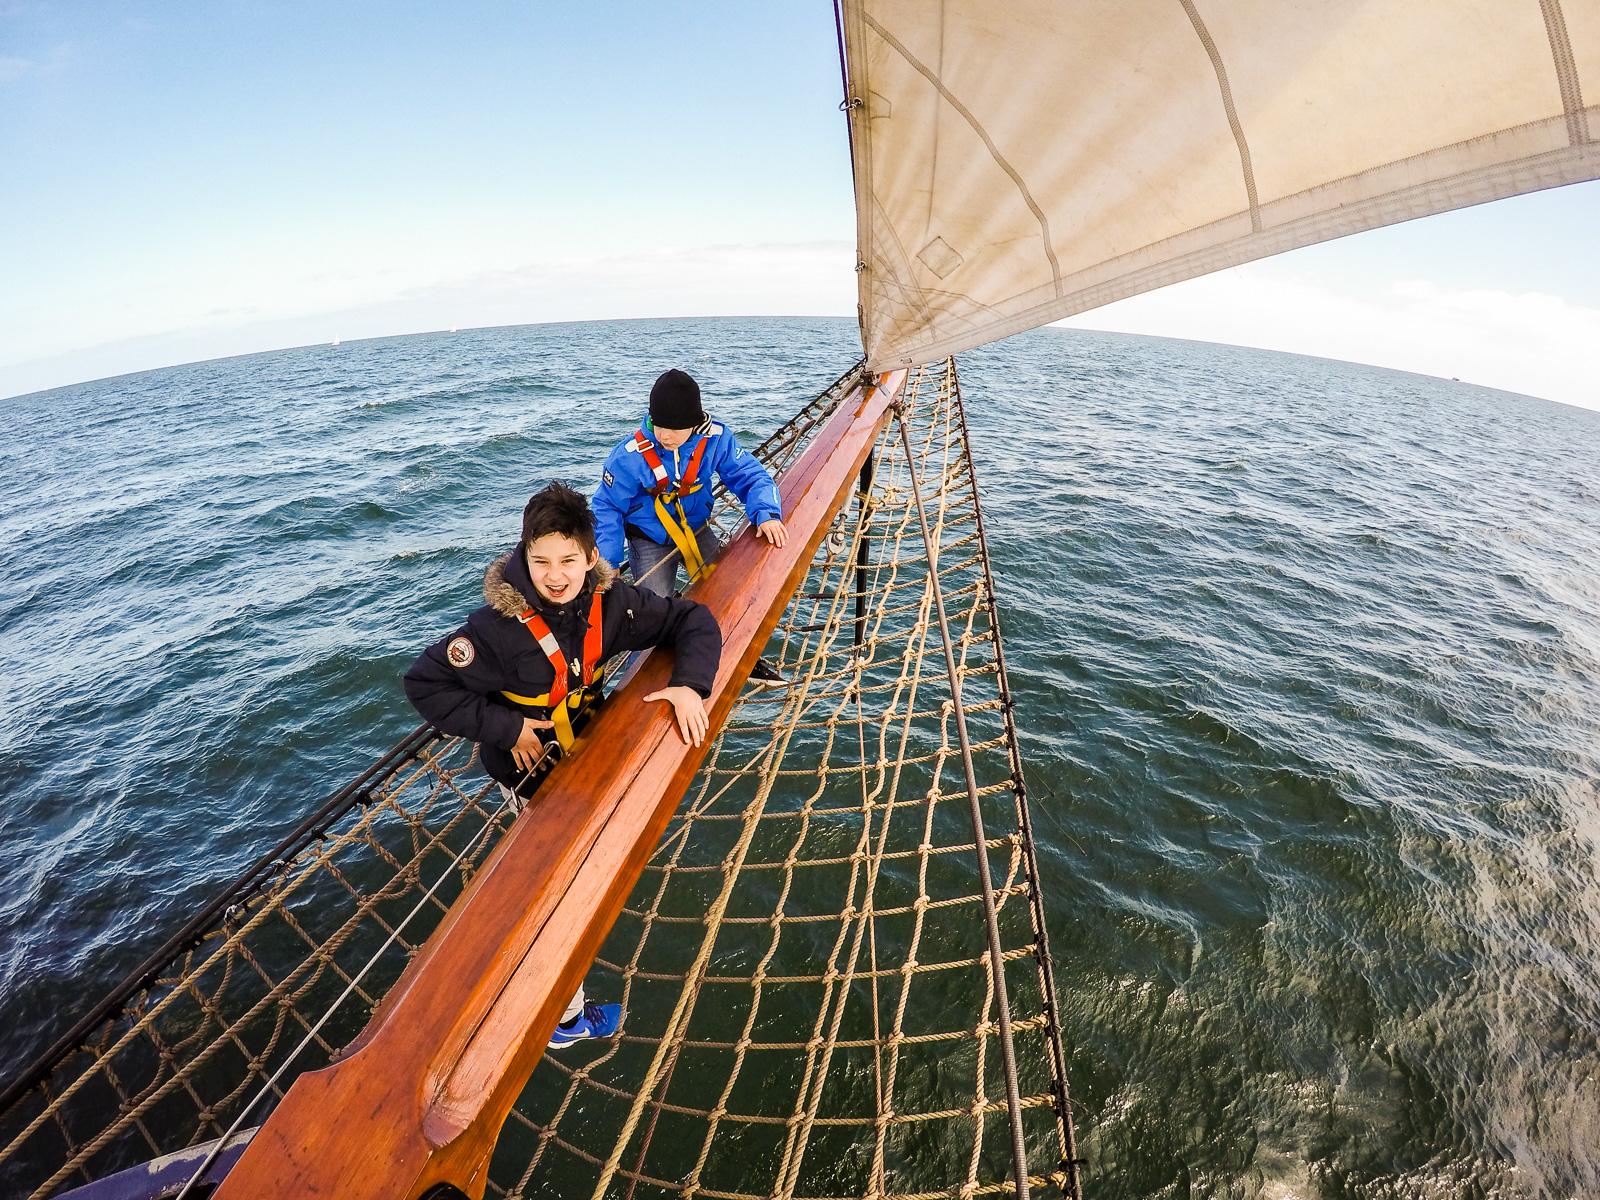 sailing ship Swaensborgh